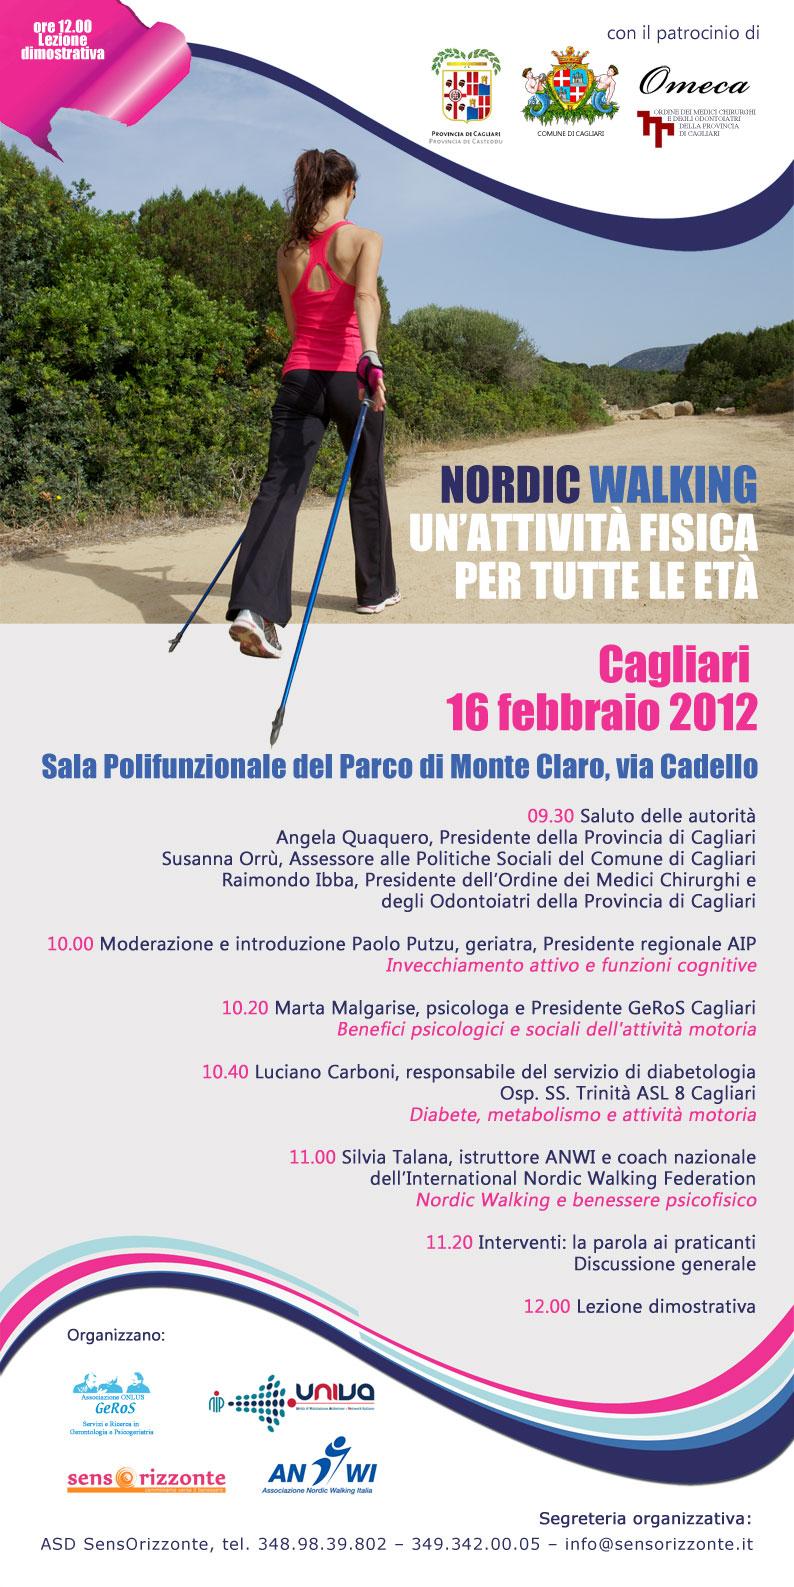 Convegno Nordic Walking a Cagliari